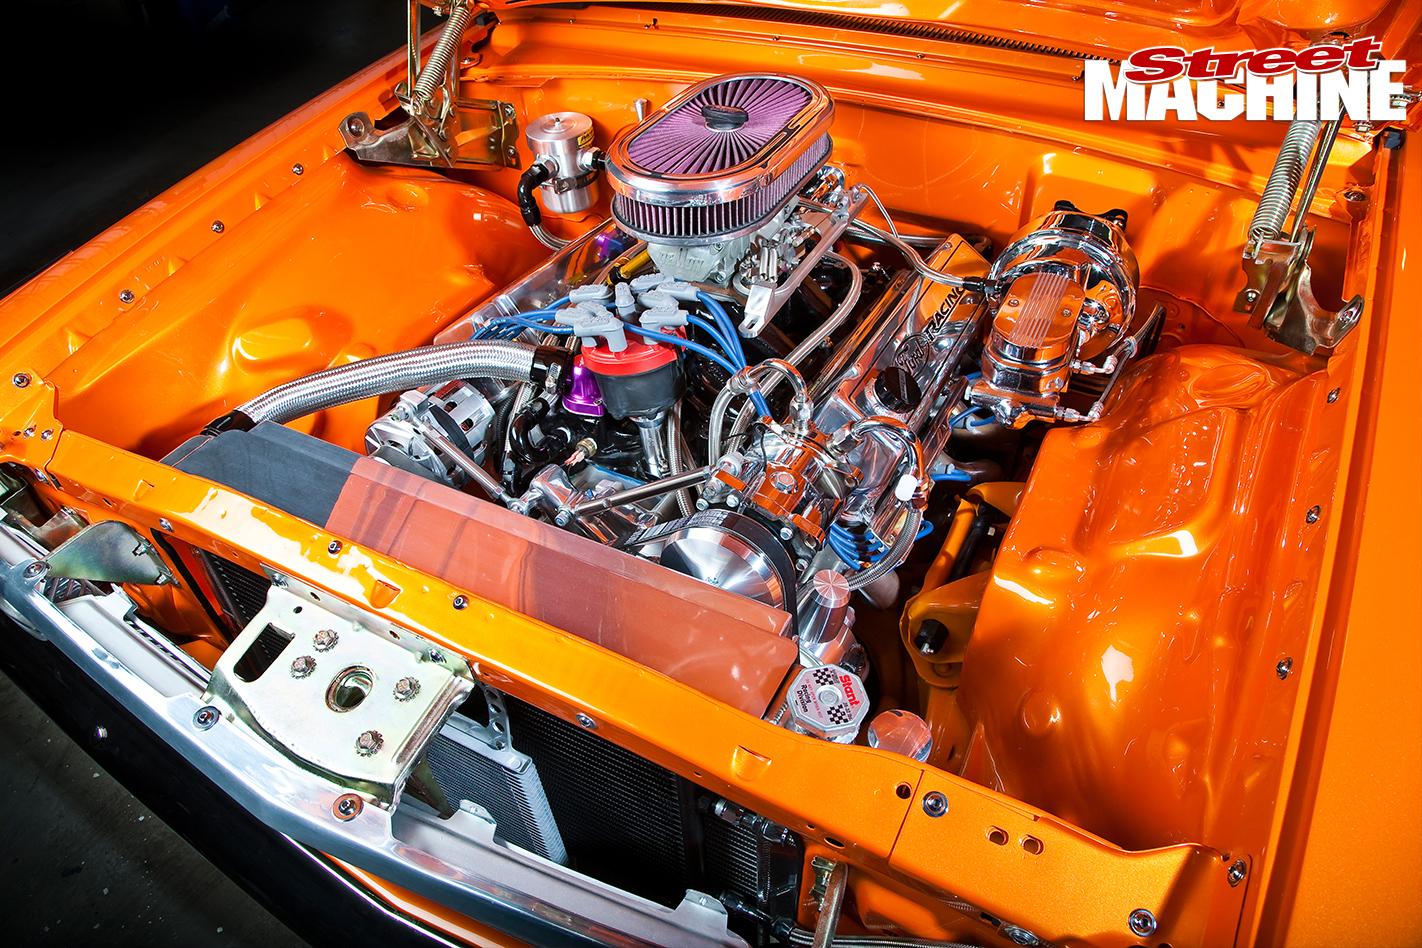 Ford -Galaxie -500-engine -bay